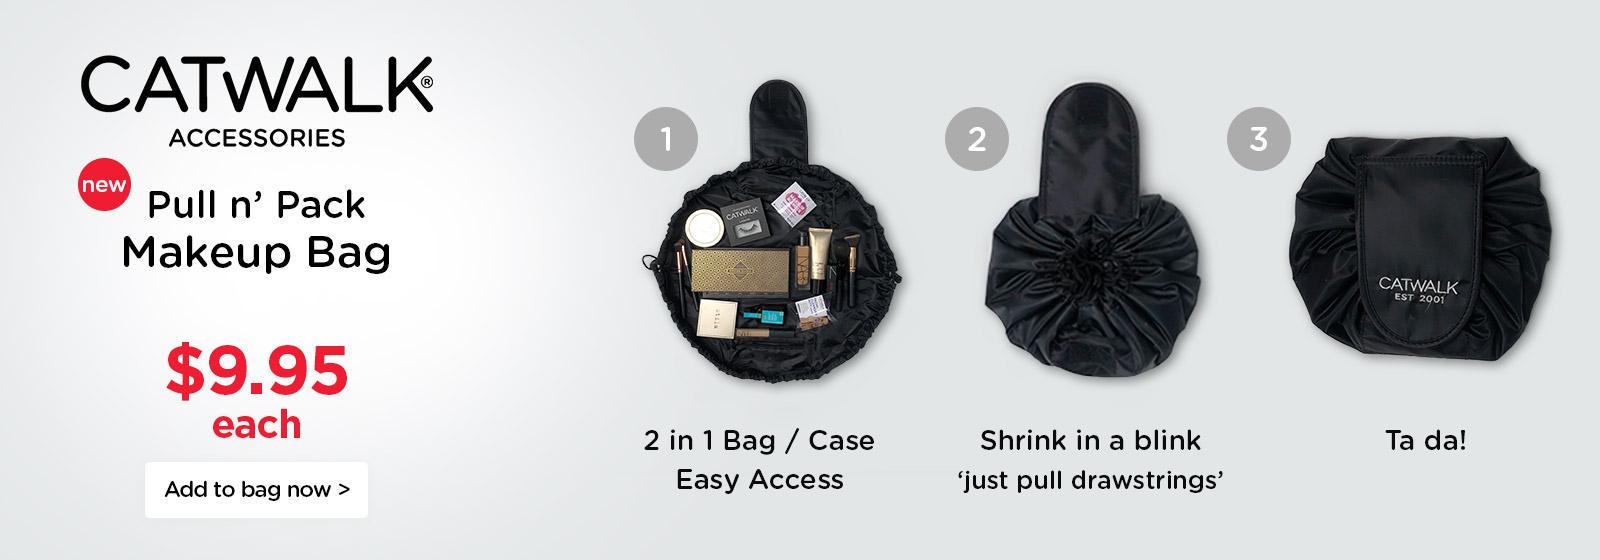 Catwalk Pull n' Pack Makeup Bag